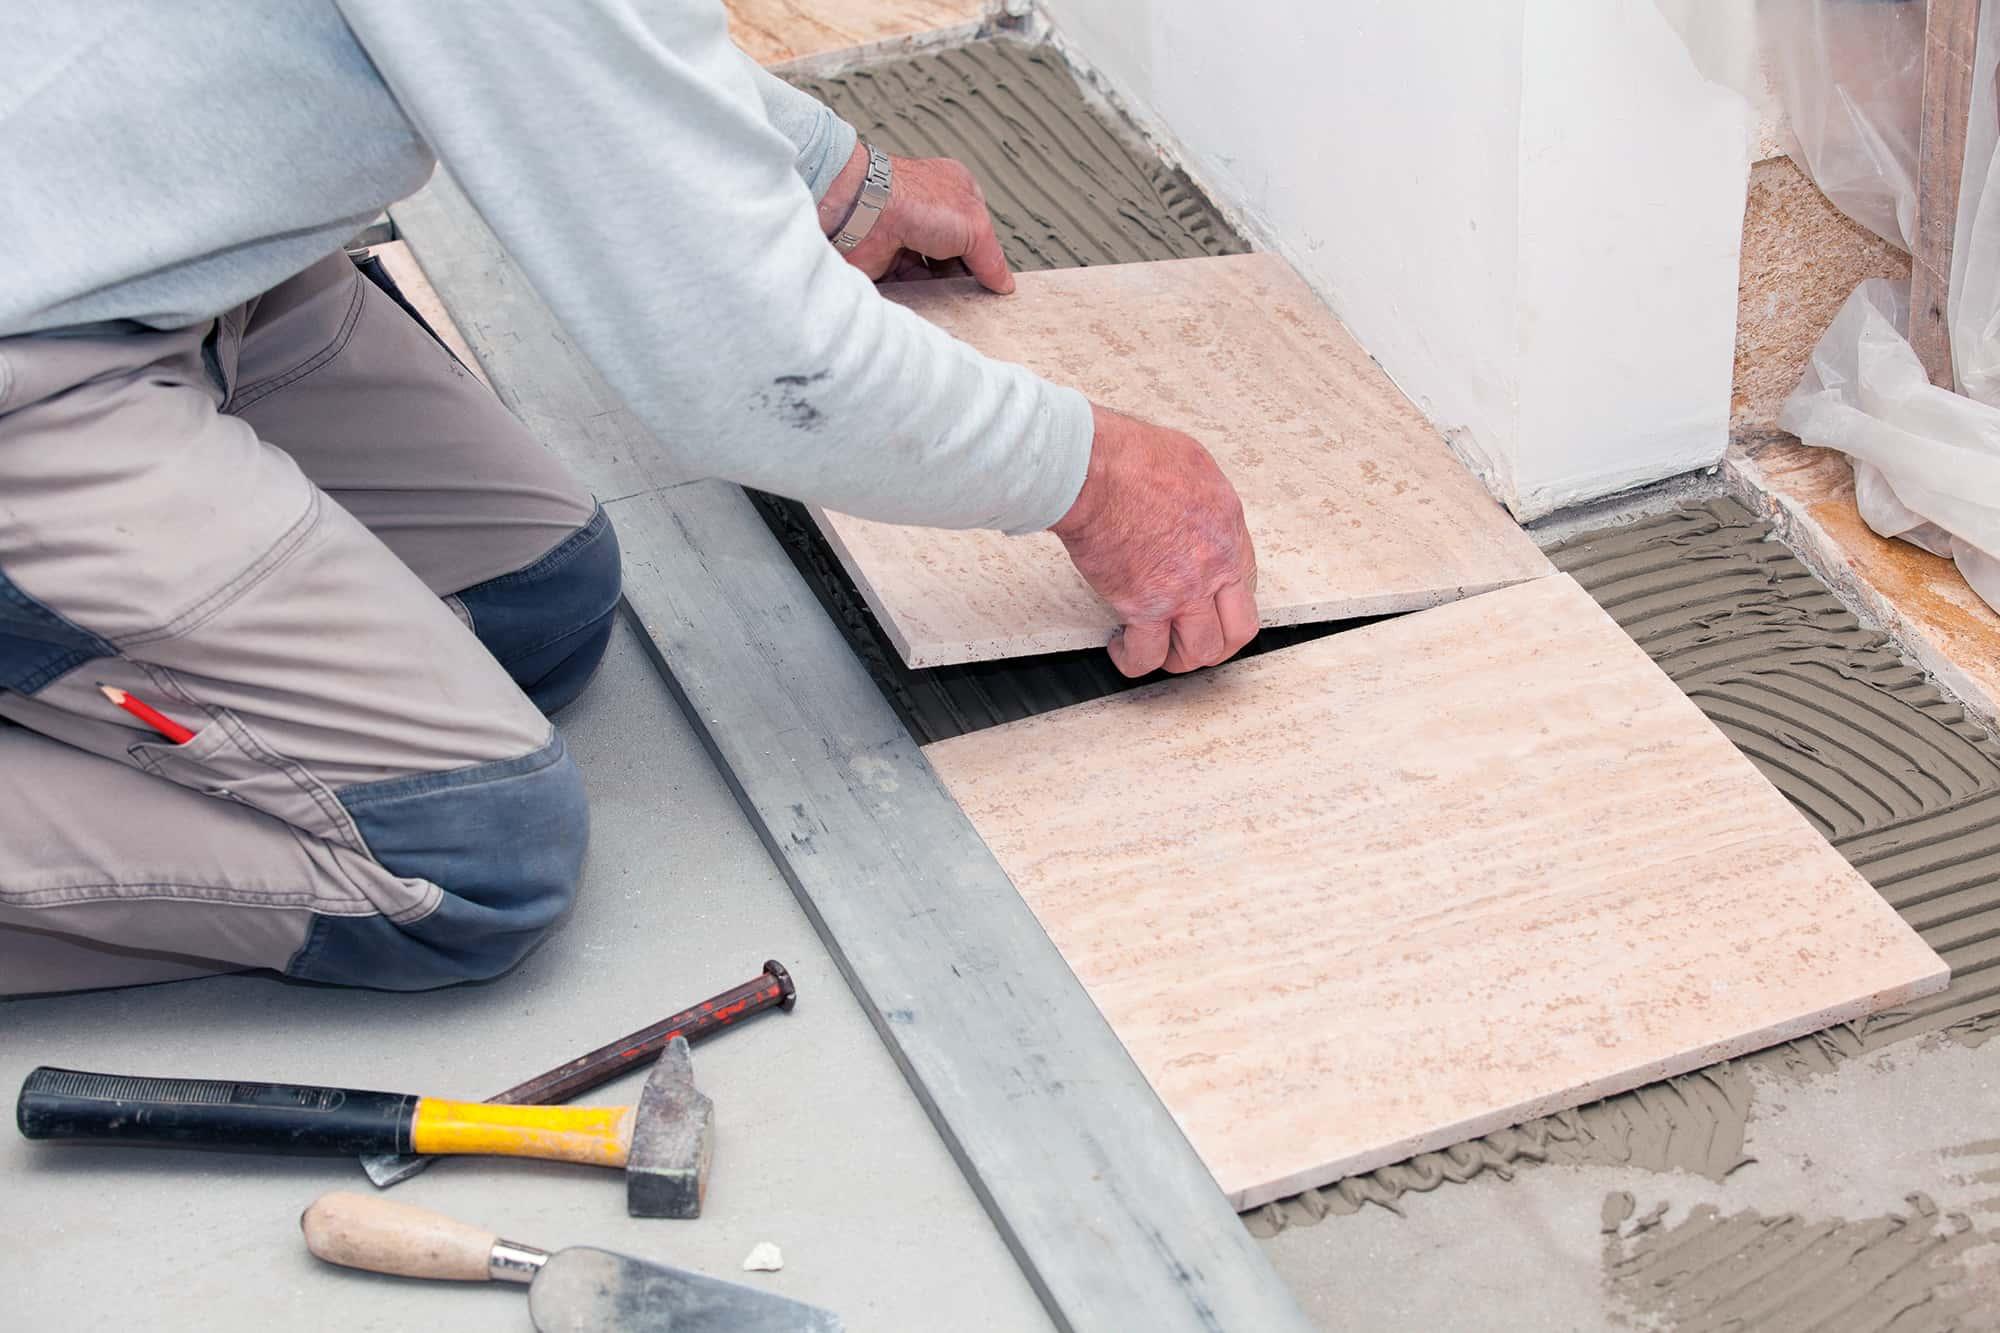 Keo dán gạch phù hợp với nhiều điều kiện thi công khác nhau